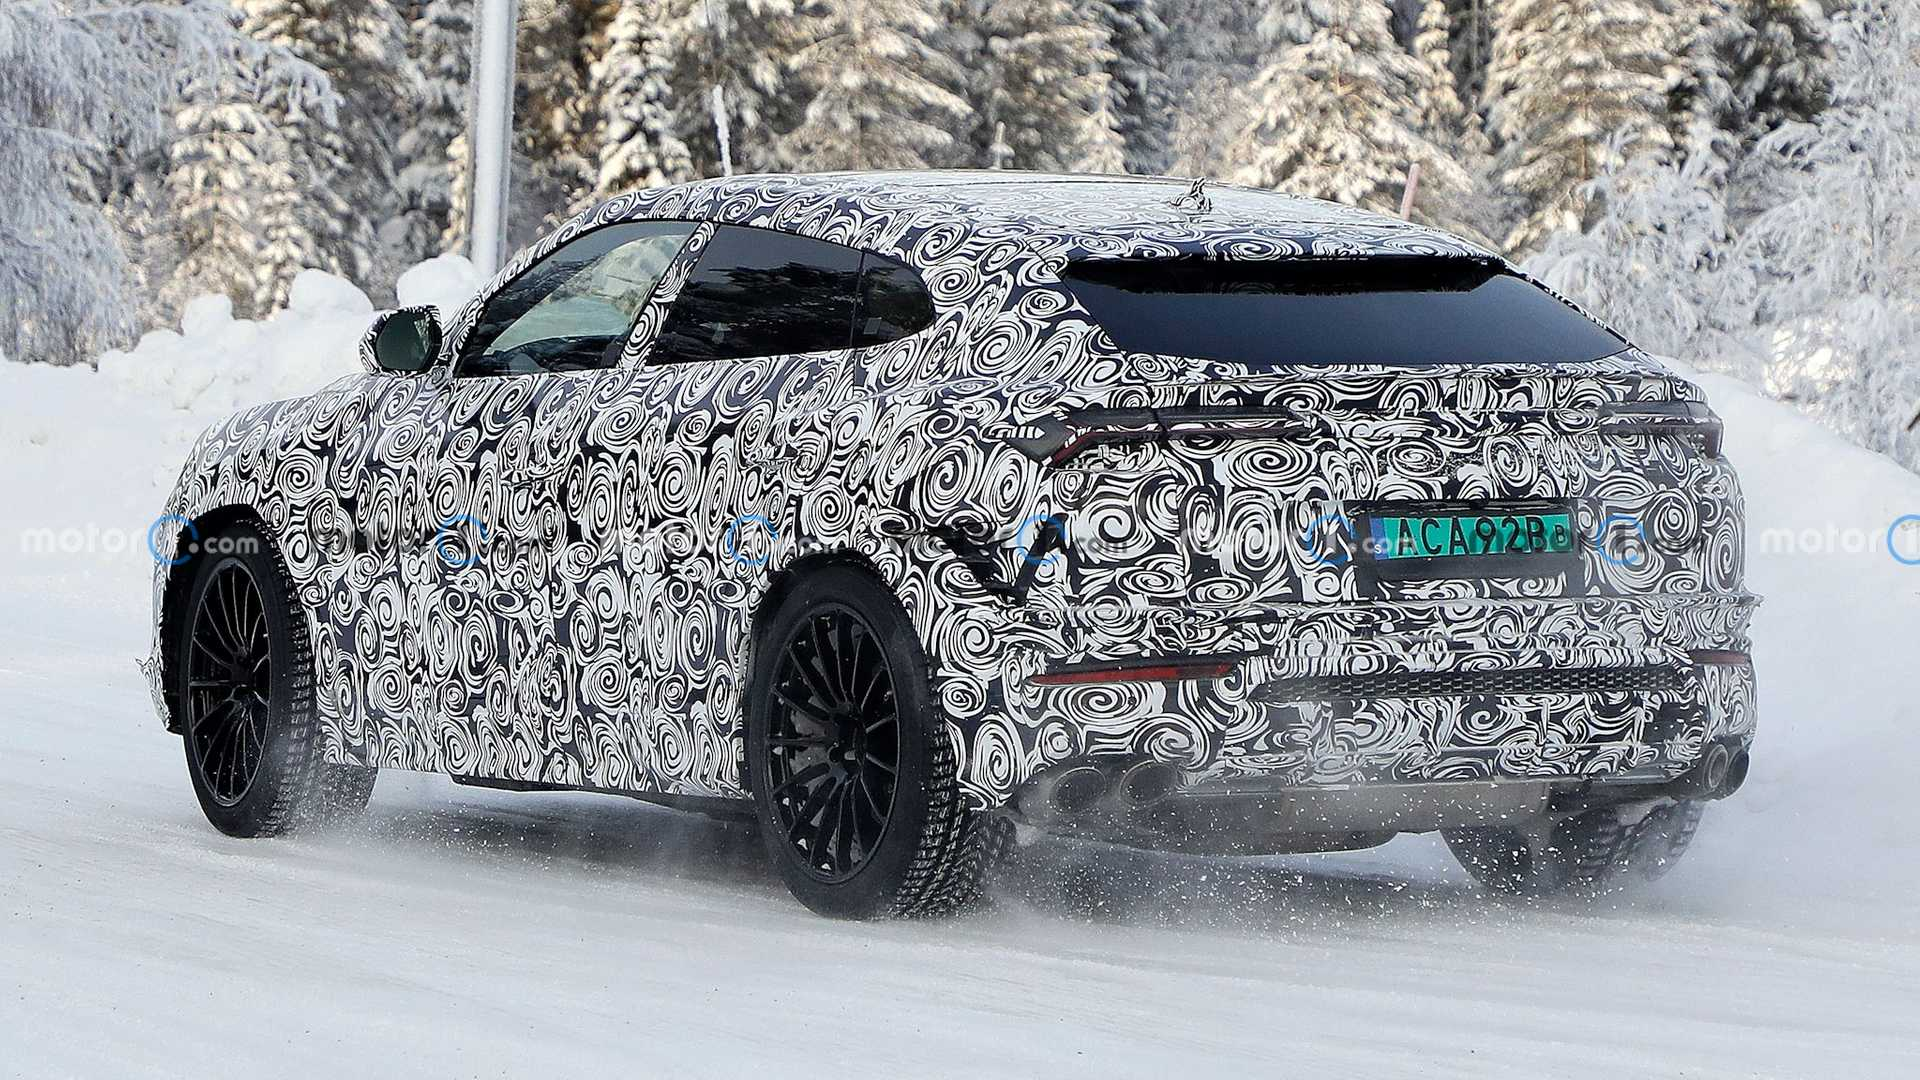 2022 Lamborghini Urus Evo Spy Photos